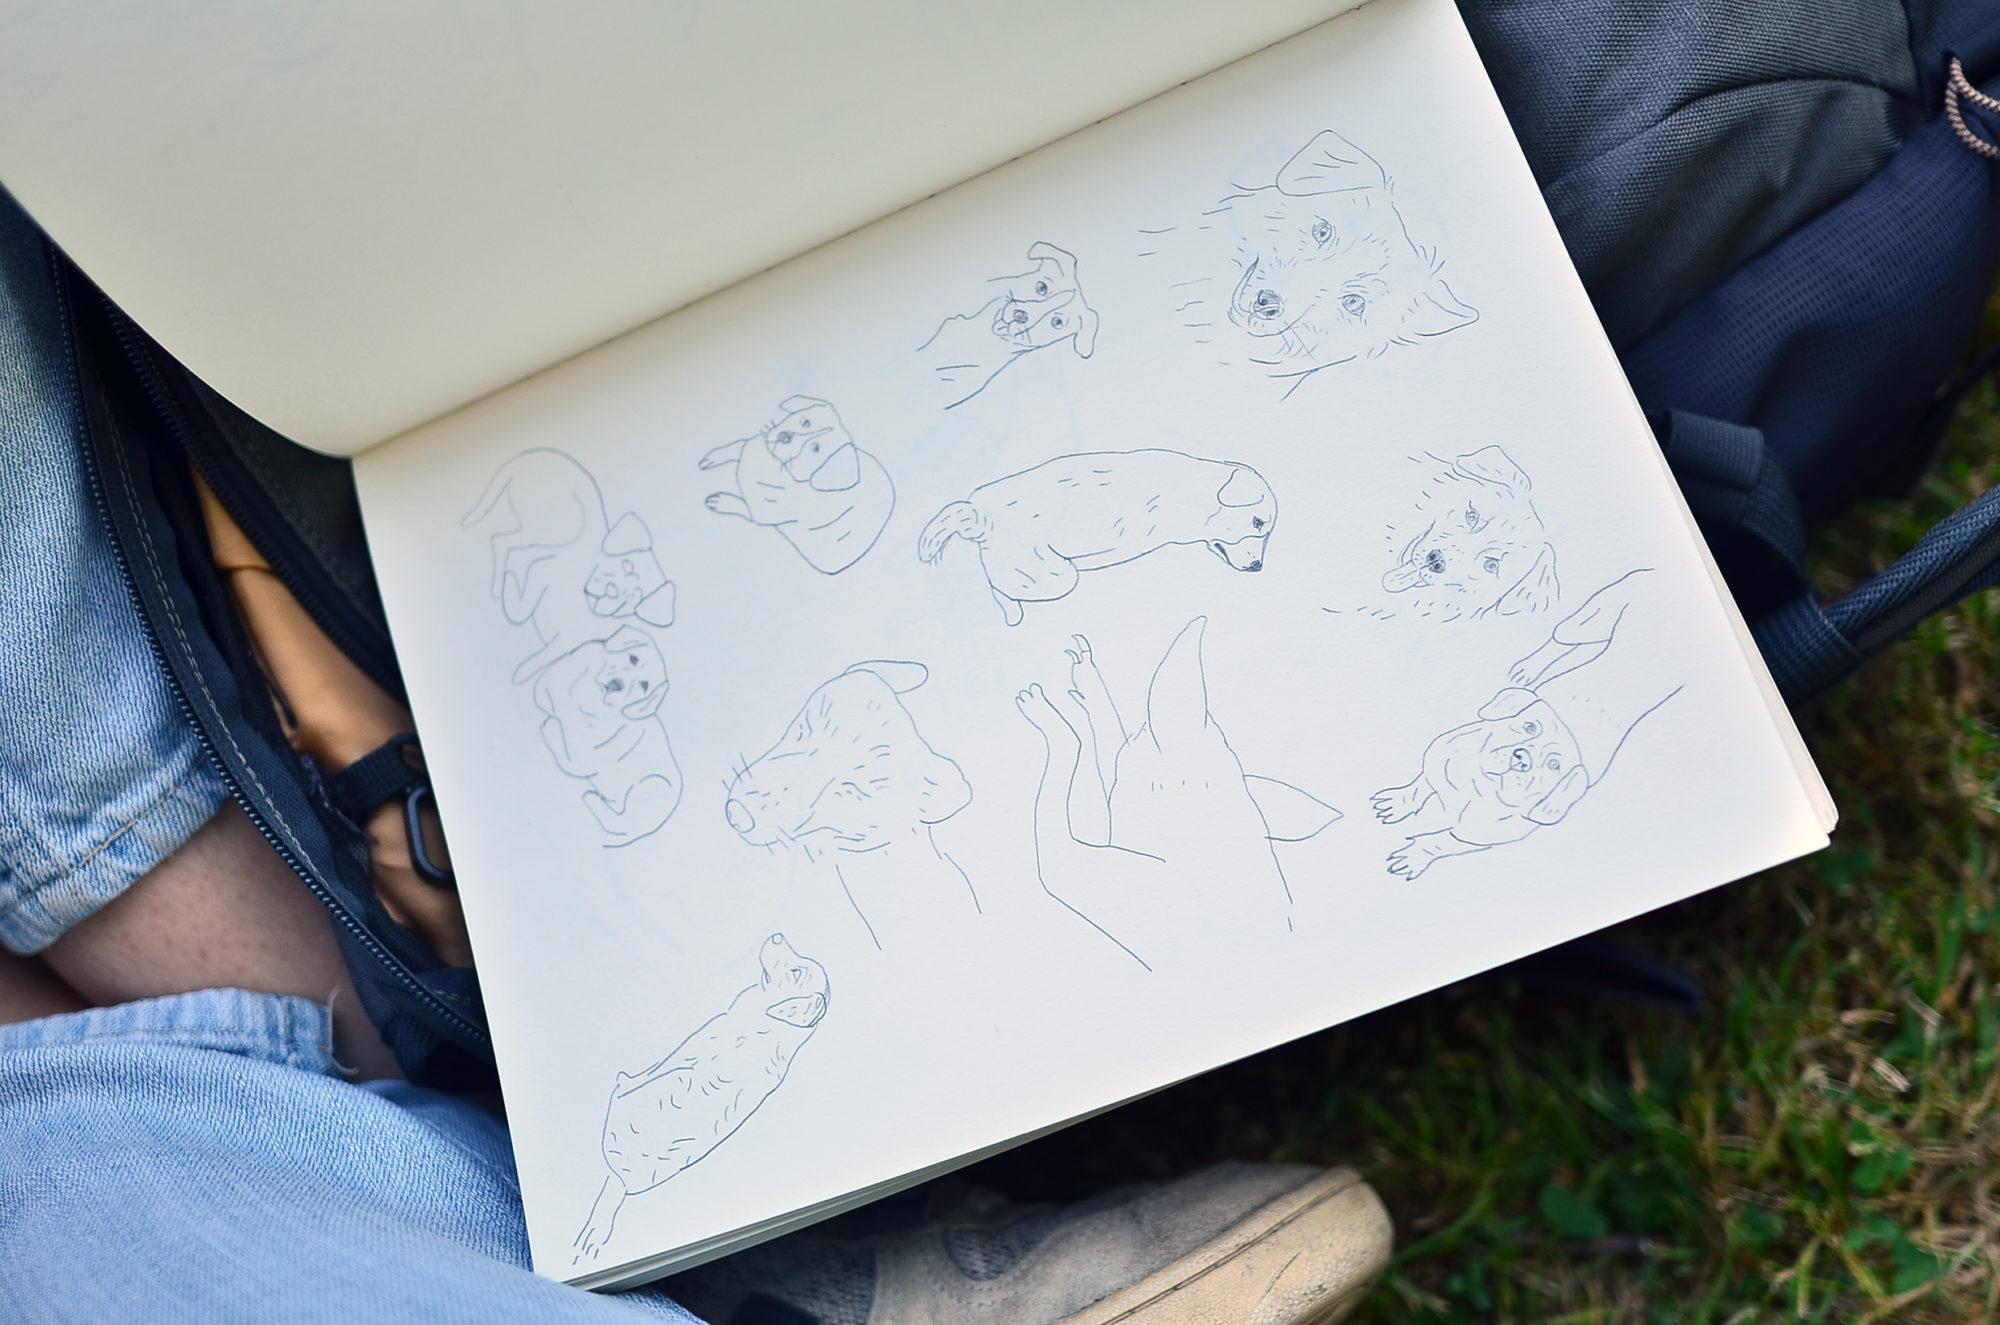 Lea decan, artiste, juin, dessin